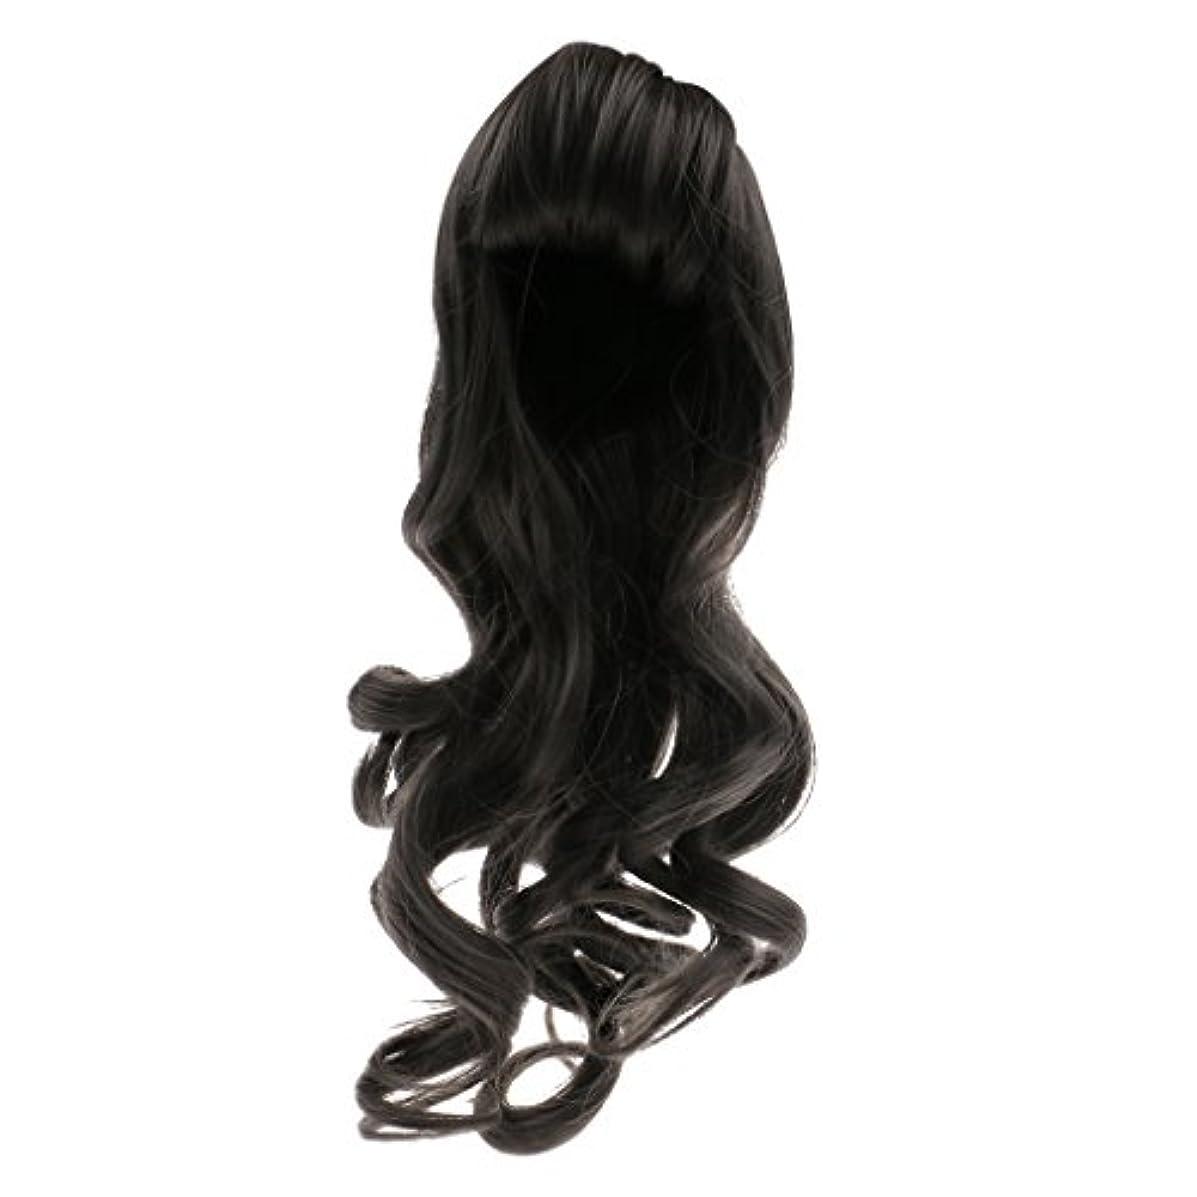 セットするハブペグBlesiya 人形用 ドールウィッグ かつら 巻き毛 波状髪 セクシー 前髪 ブライス人形適用 全6色選べ  - #1